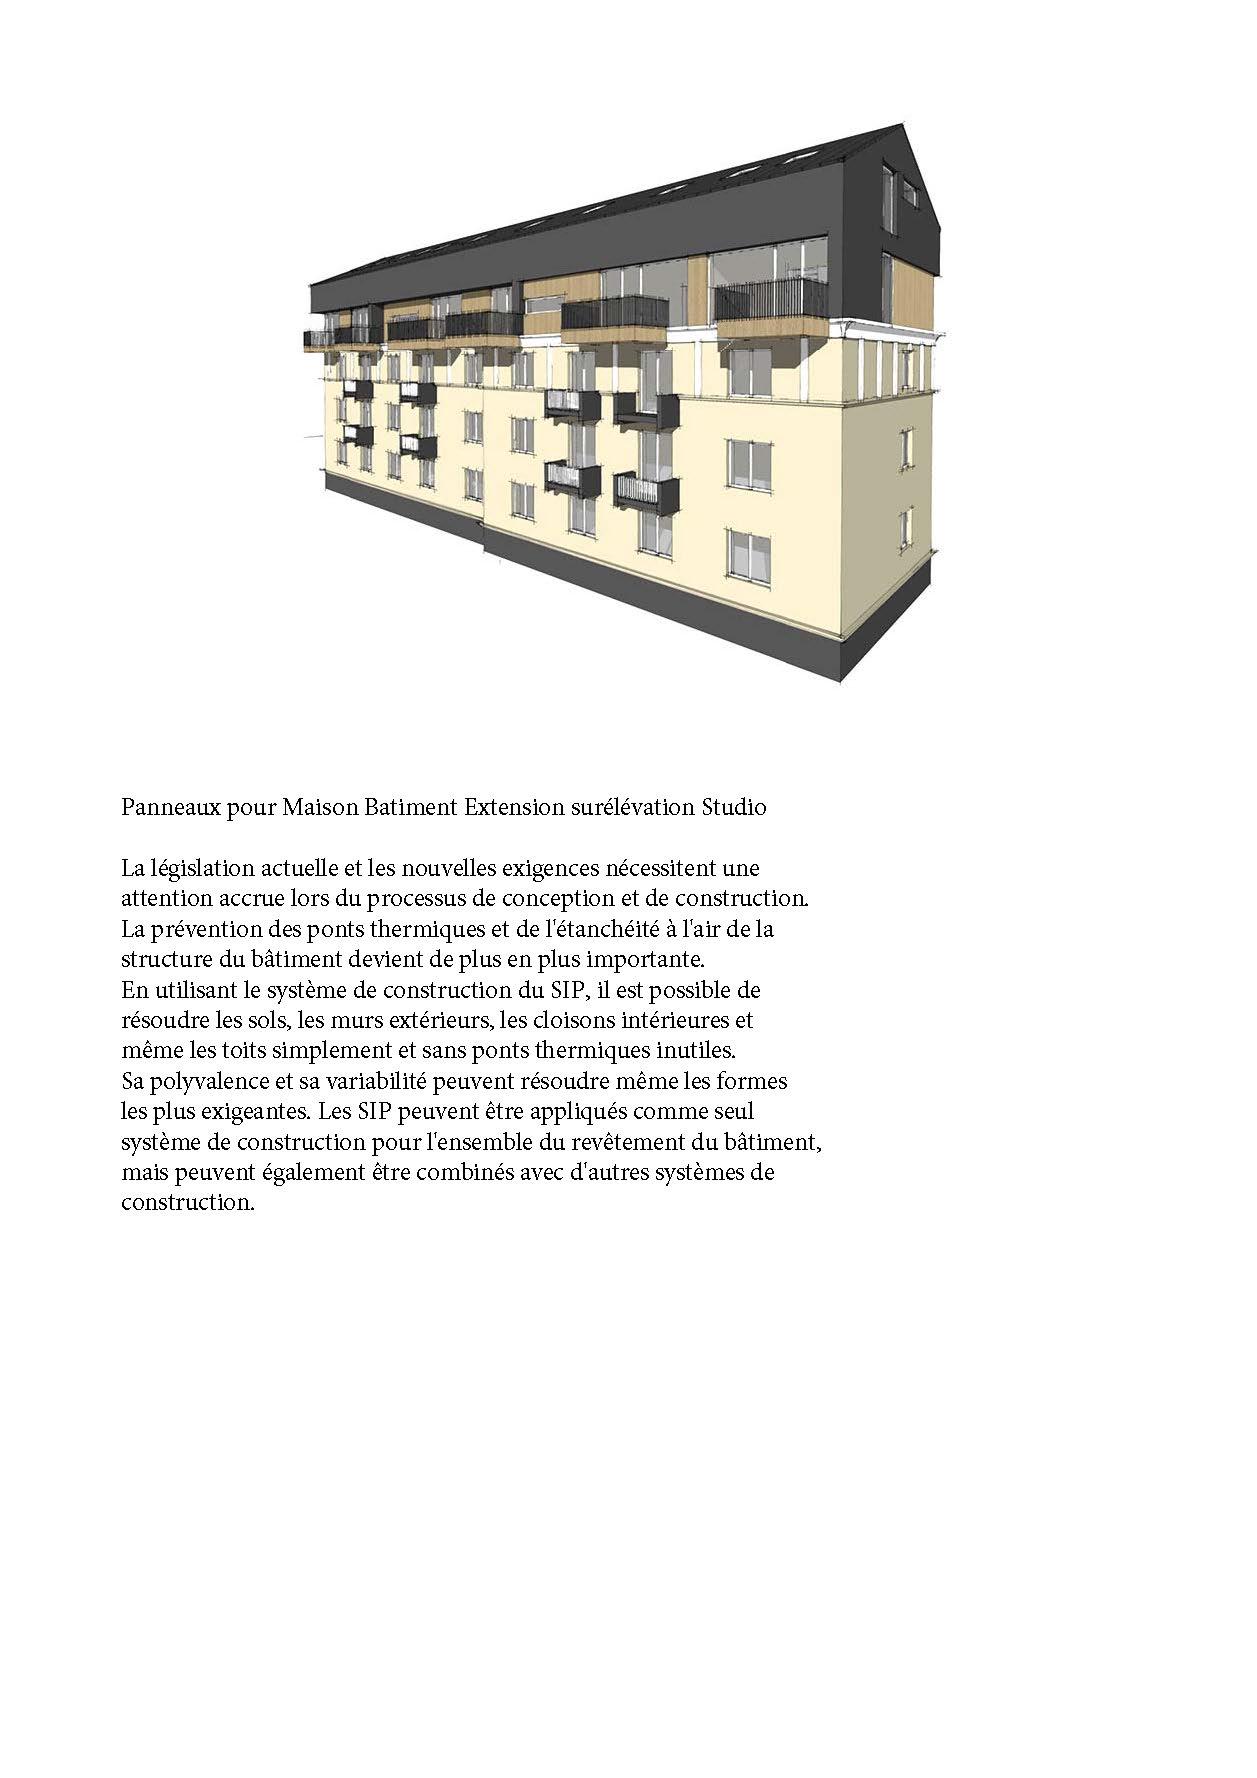 suélévation immeuble appartement spis 02